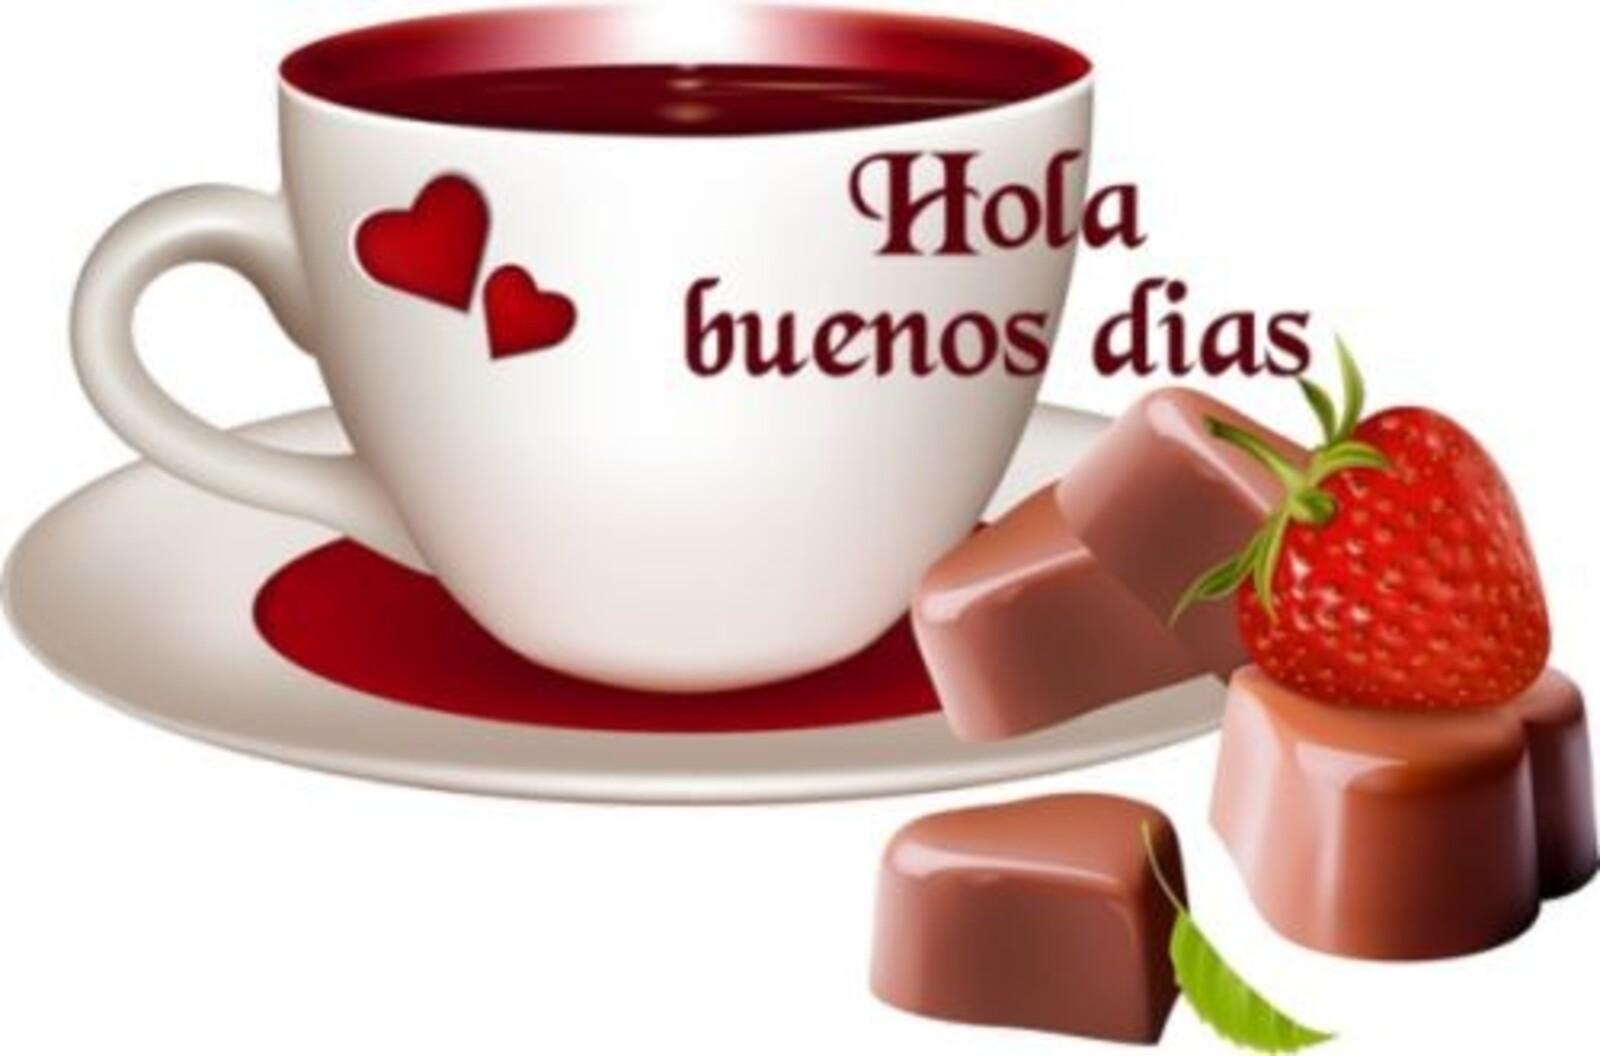 Hola Buenos días